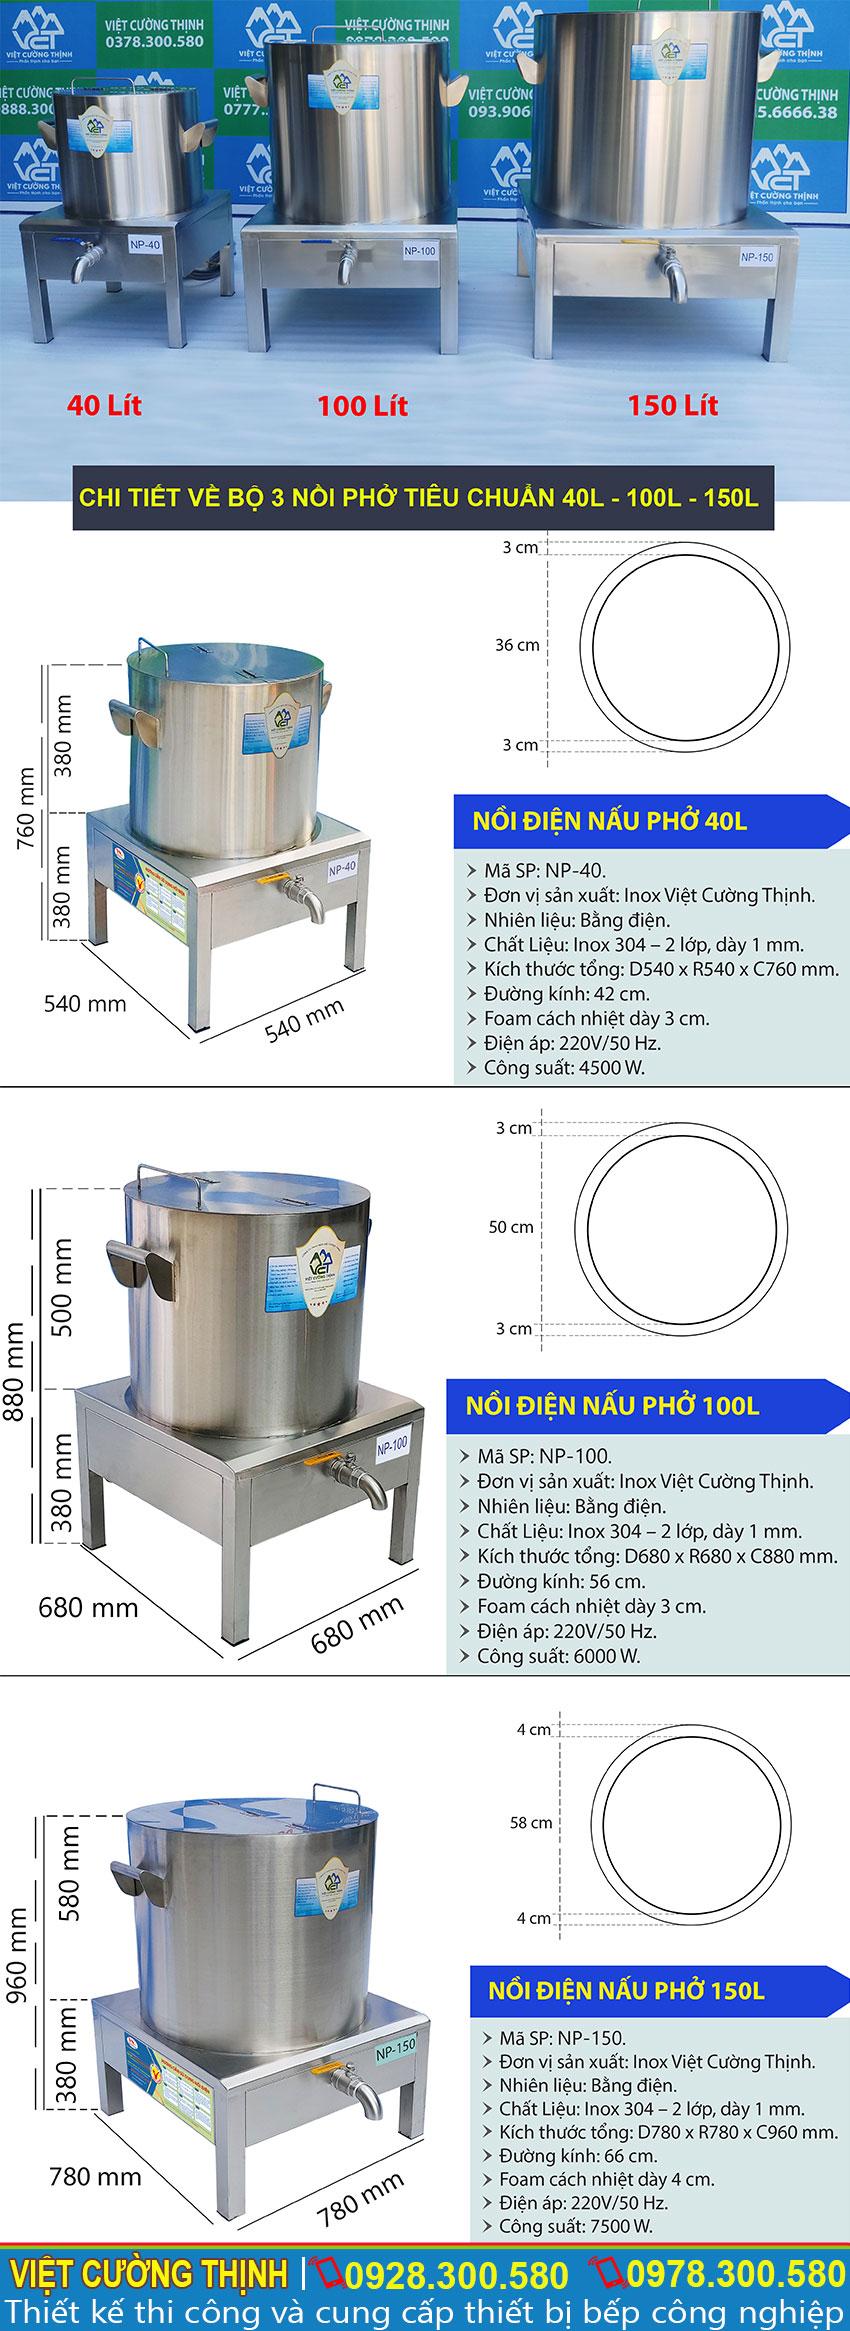 Thông số kỹ thuật Bộ 3 Nồi Nấu Phở Điện 40L-100L-150L